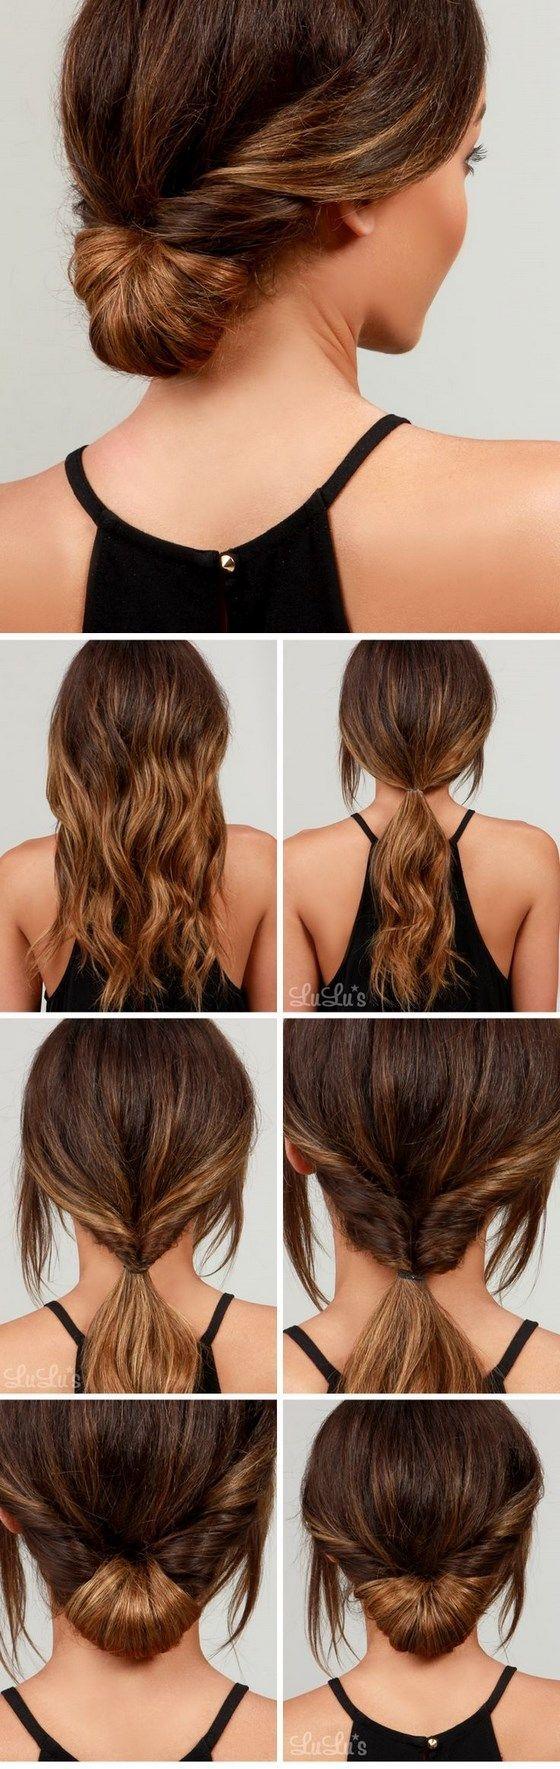 Cabellorecogidosencillog hair ideas pinterest